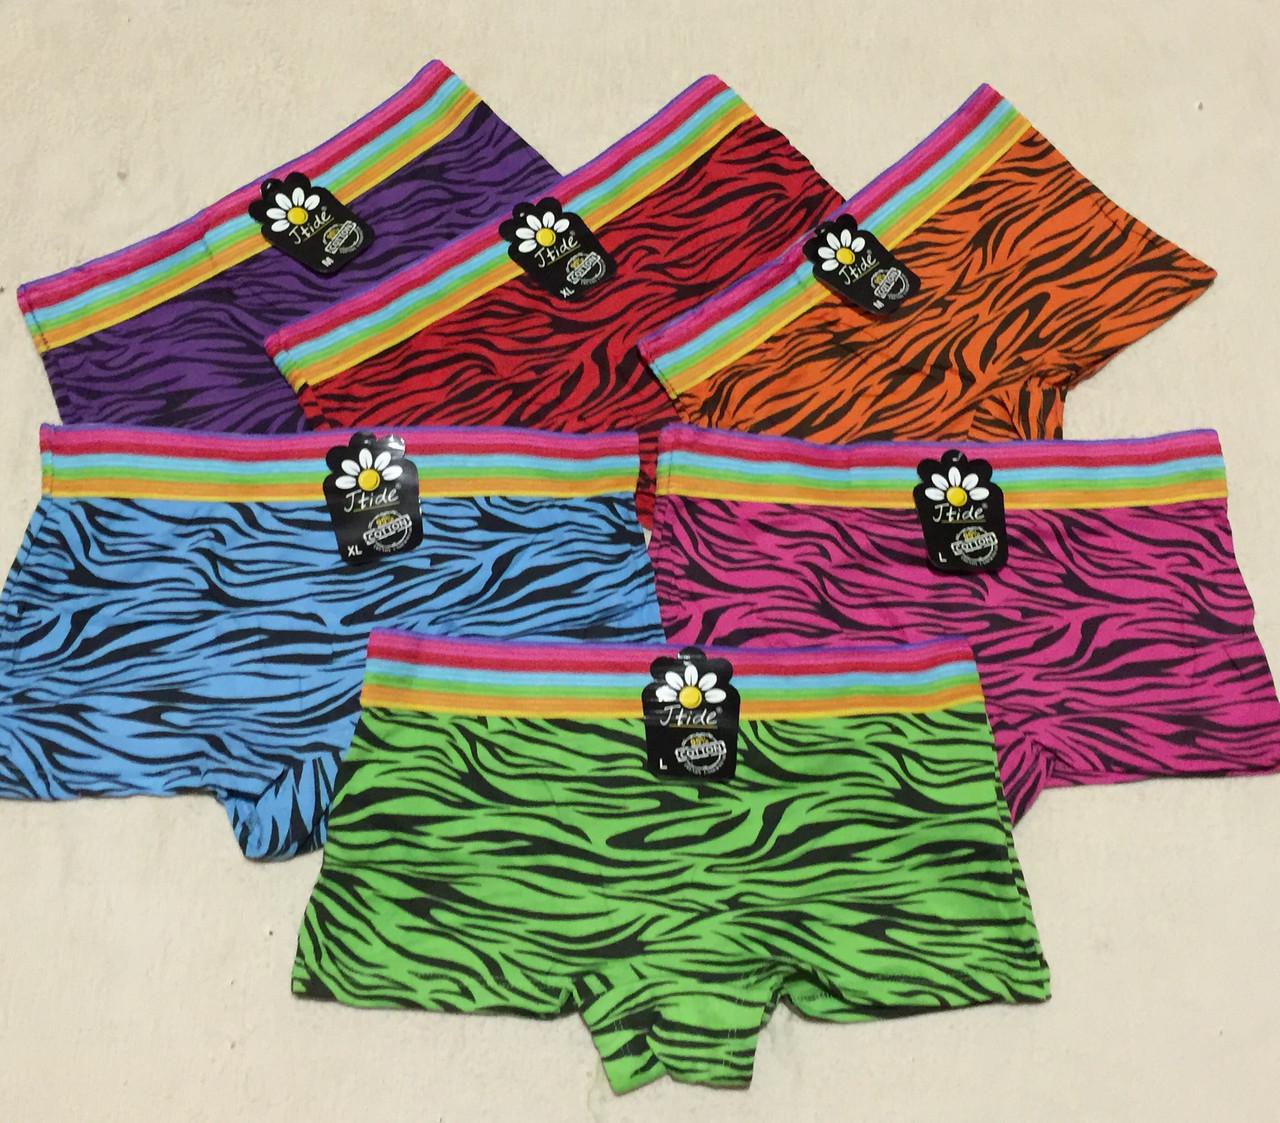 Женские трусы-шорты, трусики с рисунком Зео